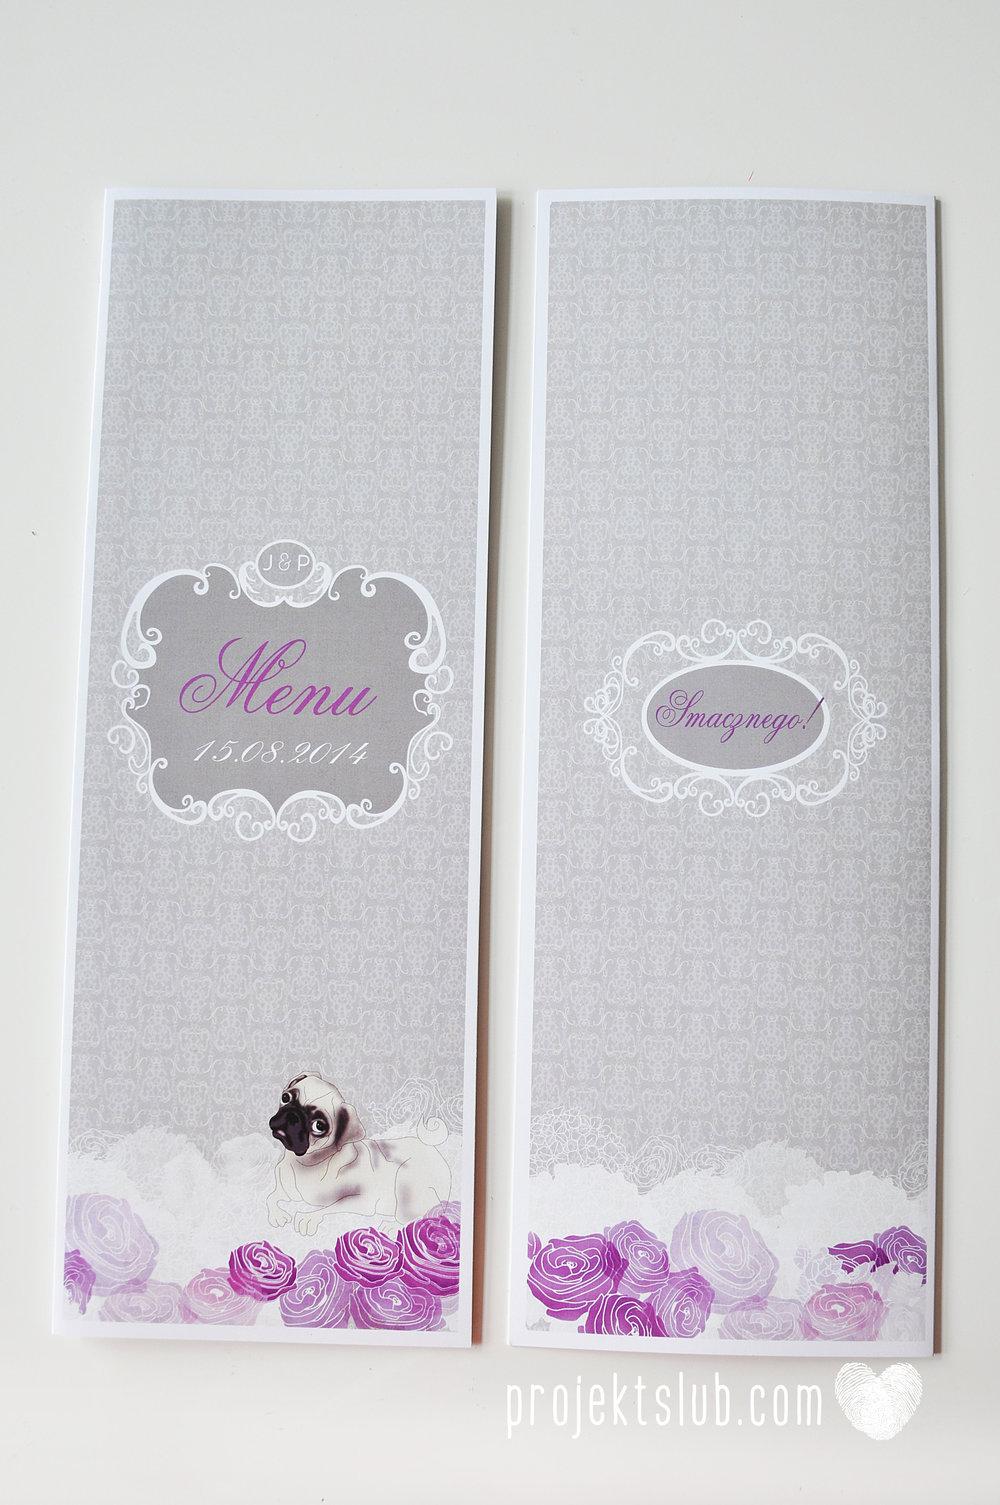 kolekcja papeteri ślubnej w stylu glamour eleganckie kwiatowe fioletowo szare zaproszenia ślubne z pupilkiem rysunek pieska Projekt Ślub (23).jpg